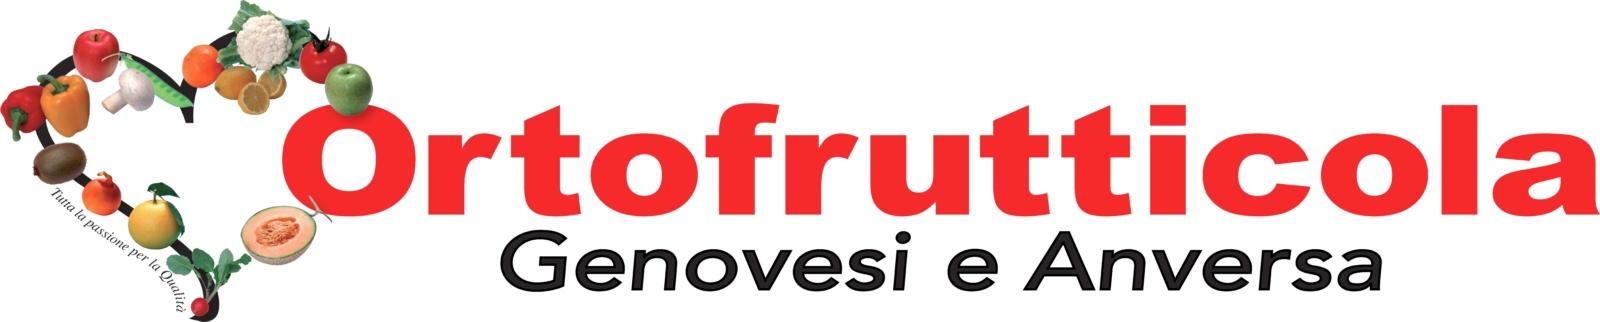 logo ORTOFRUTTICOLA SRL DI GENOVESI E ANVERSA